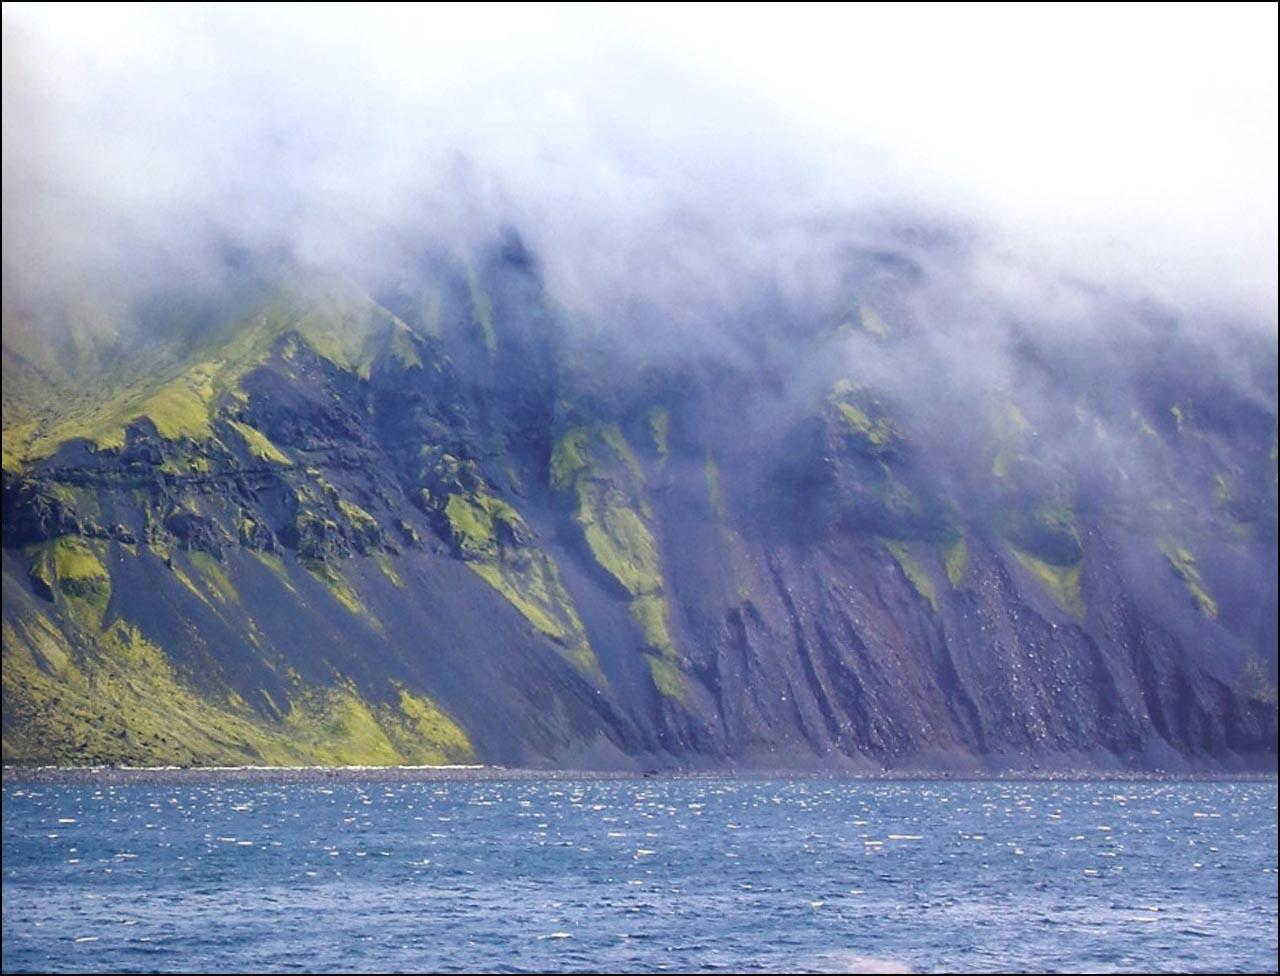 目录 前言享受北极,乐在摄影 冰岛——北极的大门 扬马延岛